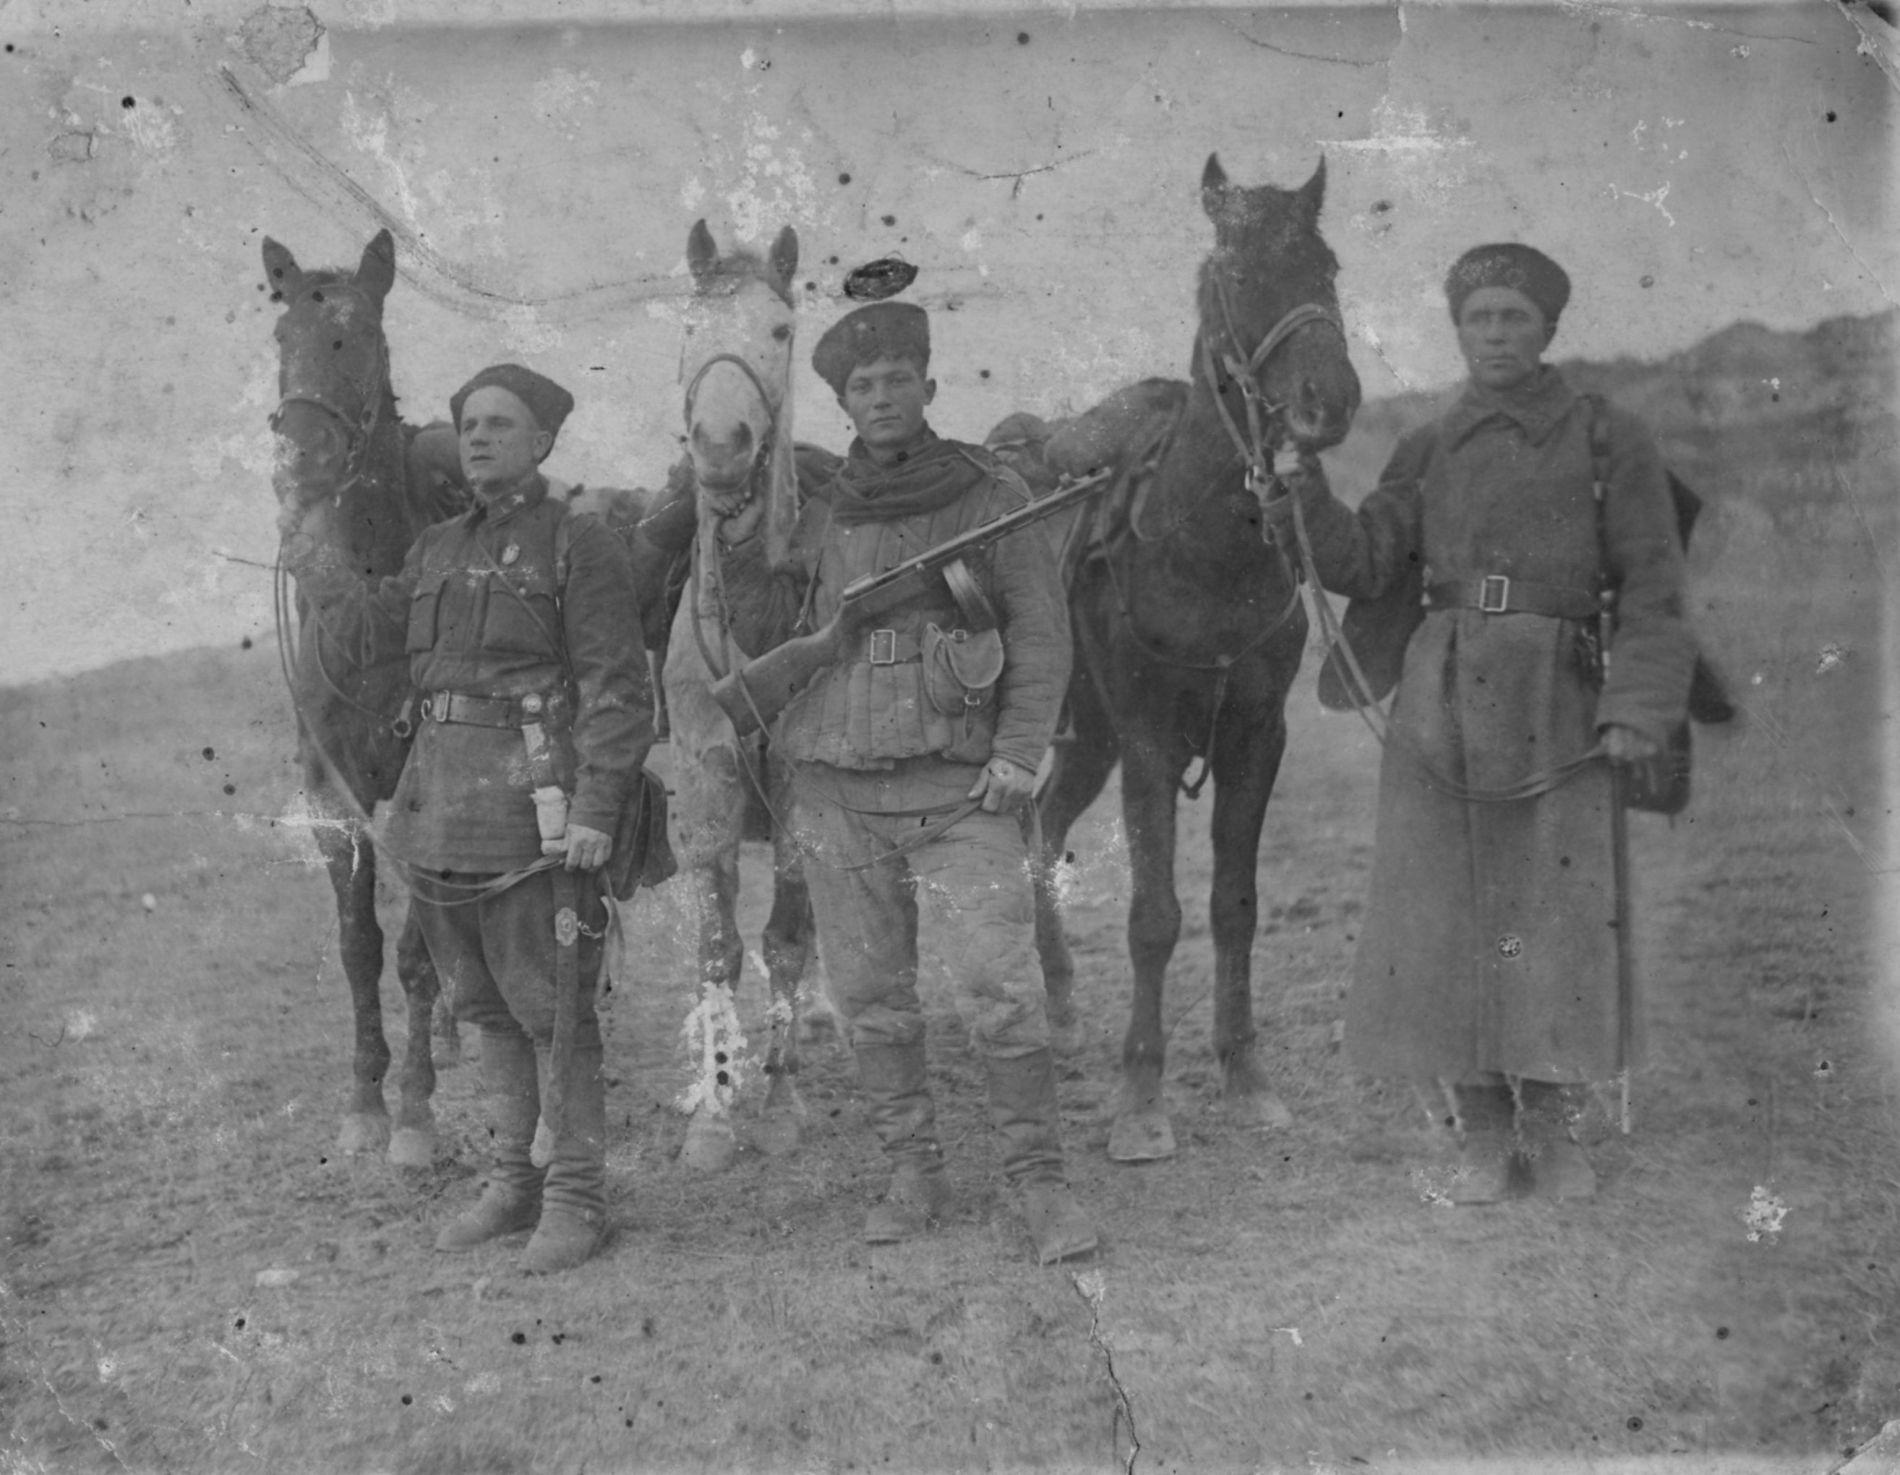 Казаки 72-й кавалерийской дивизии. Крым, 1942 год